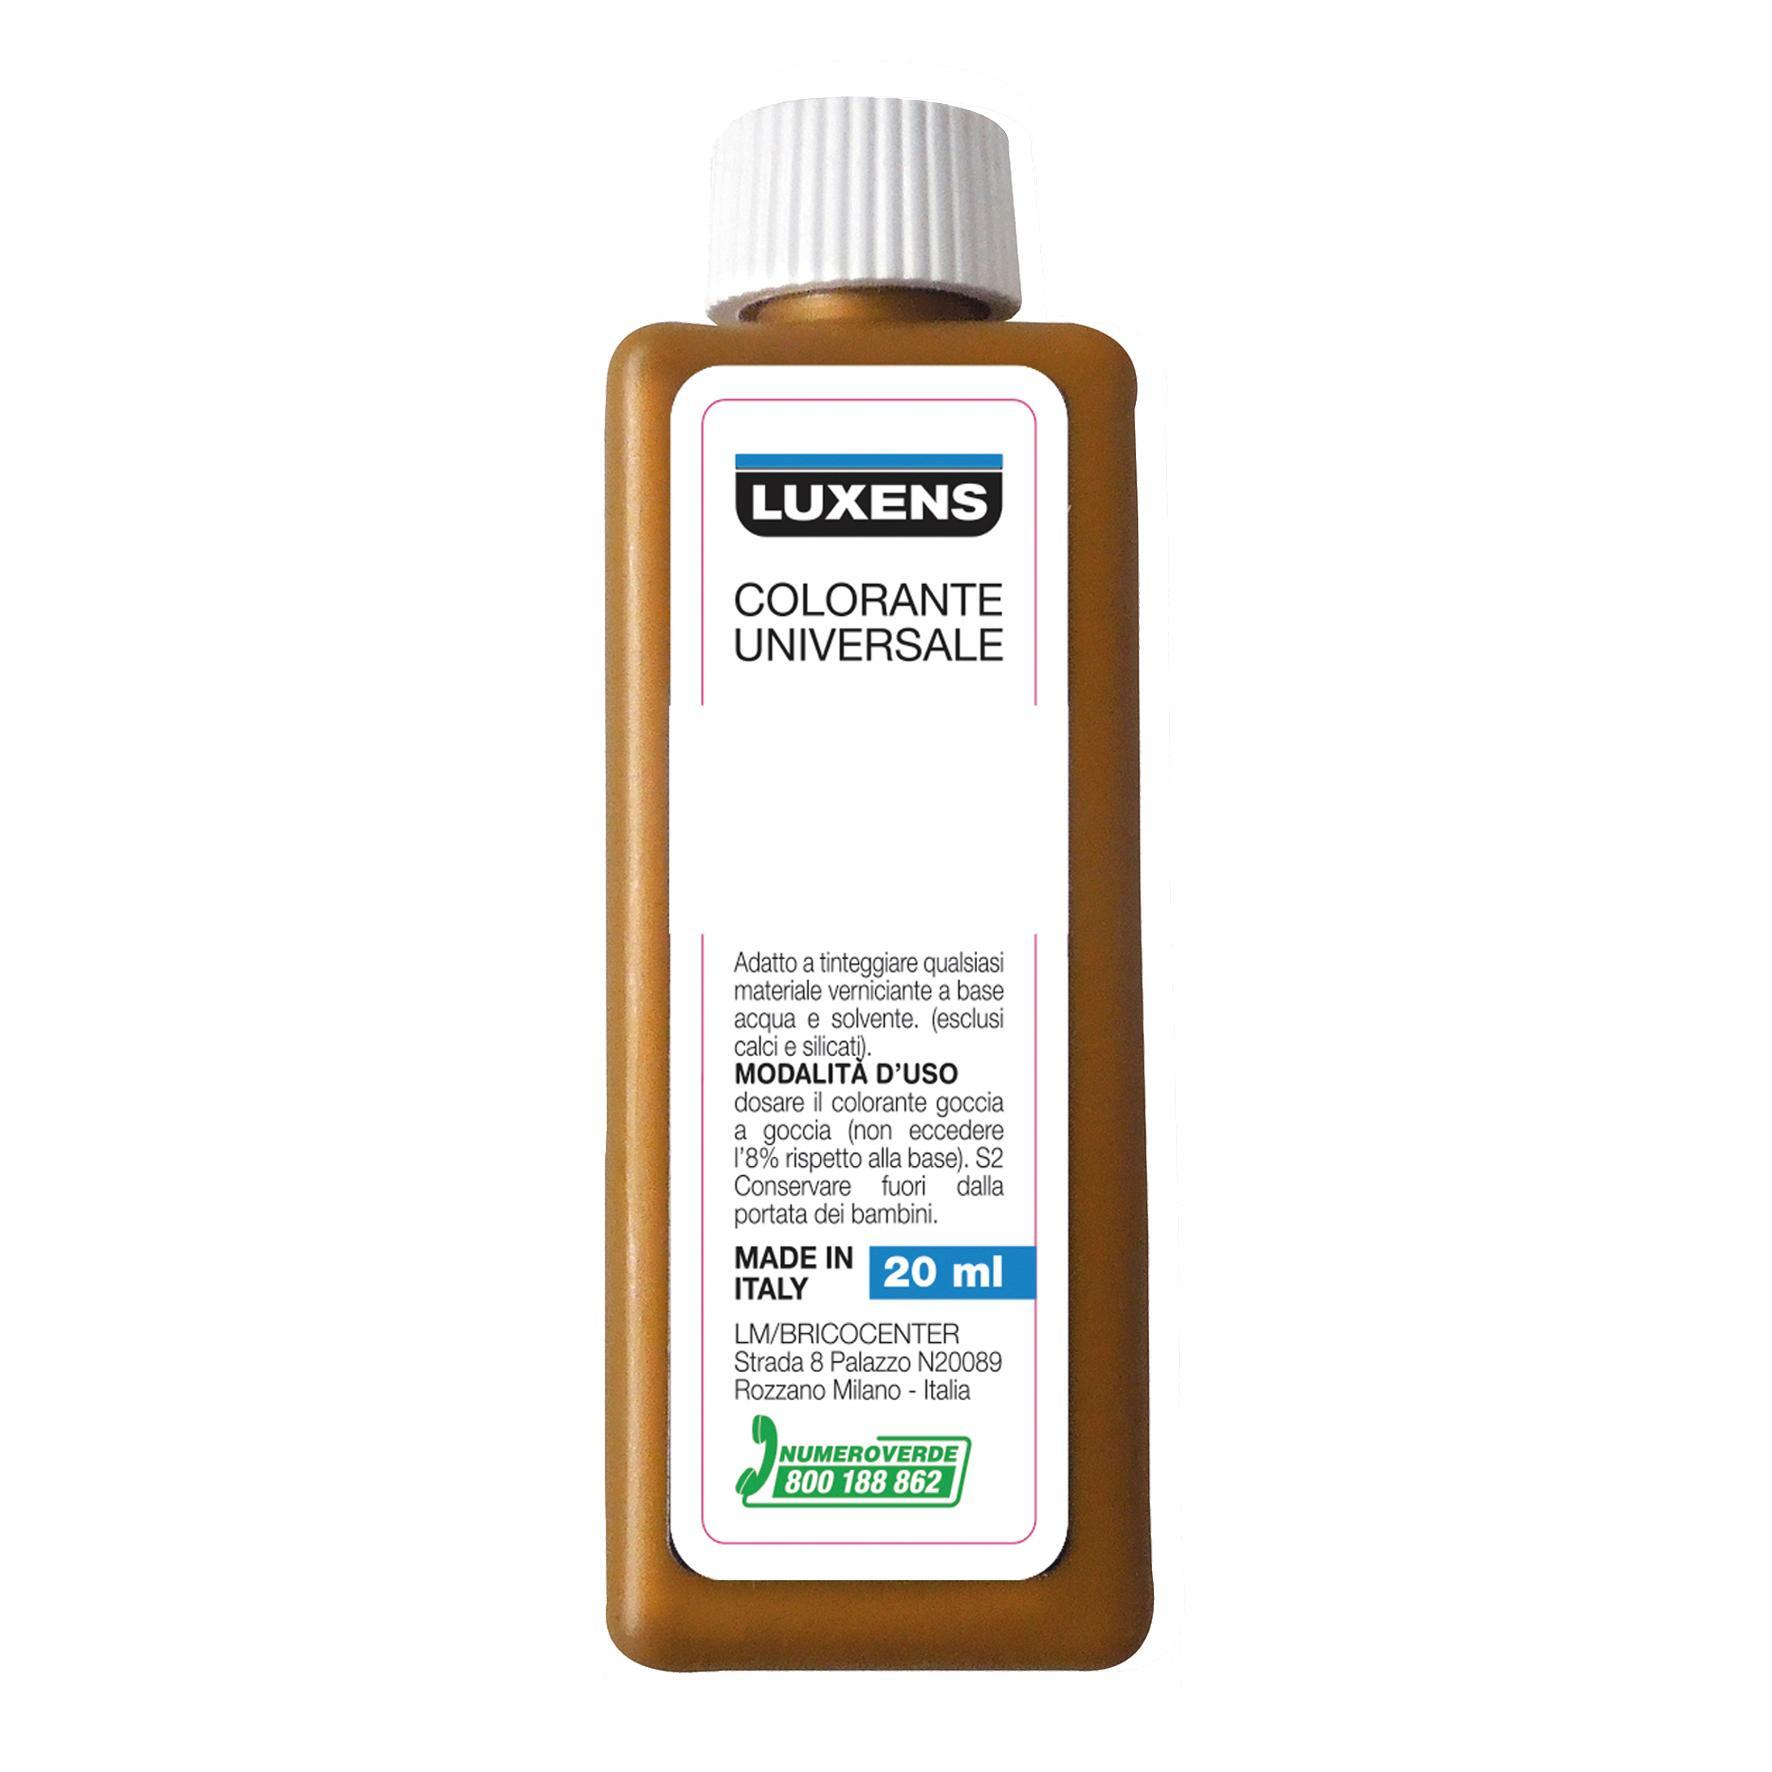 Colorante liquido Luxens 20 ml giallo ossido - 4